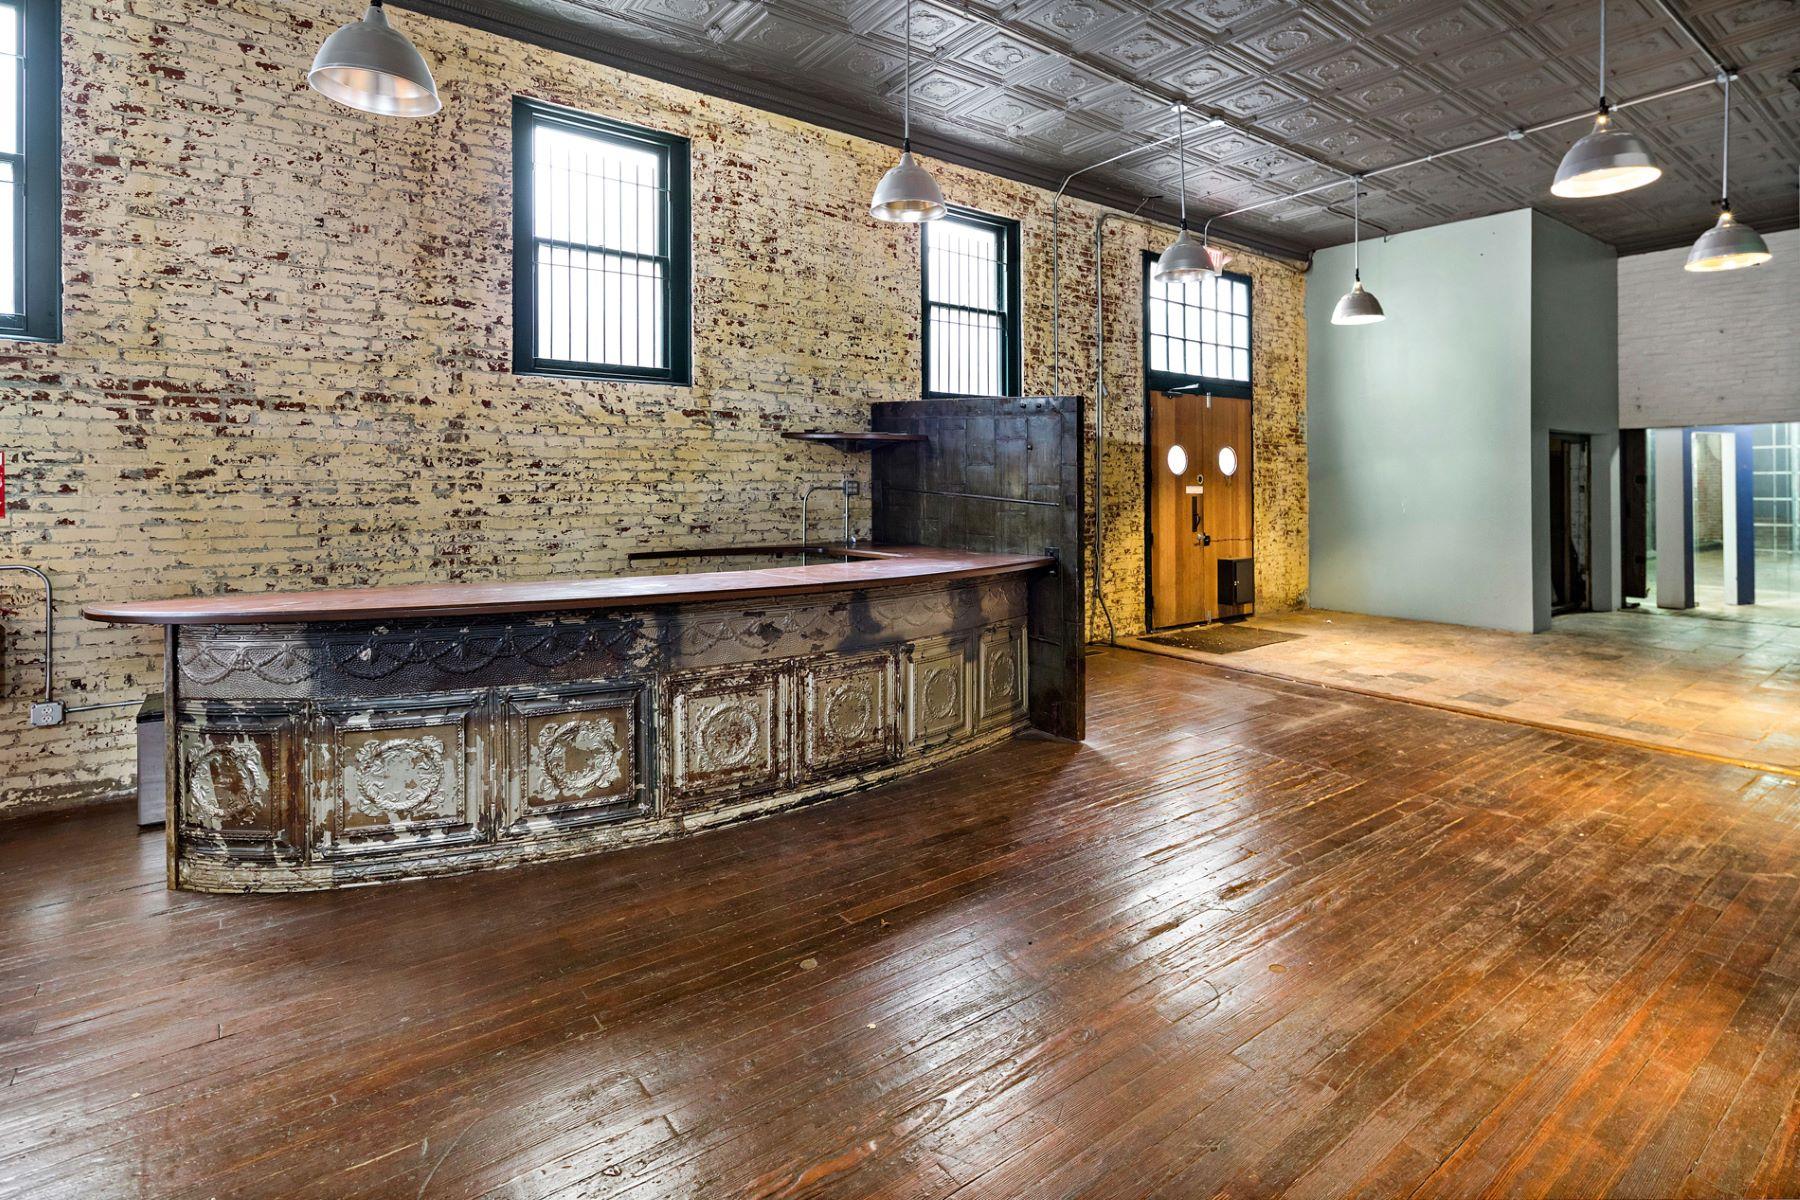 Additional photo for property listing at Washington Ave 1500 Washington Ave St. Louis, Missouri 63103 United States